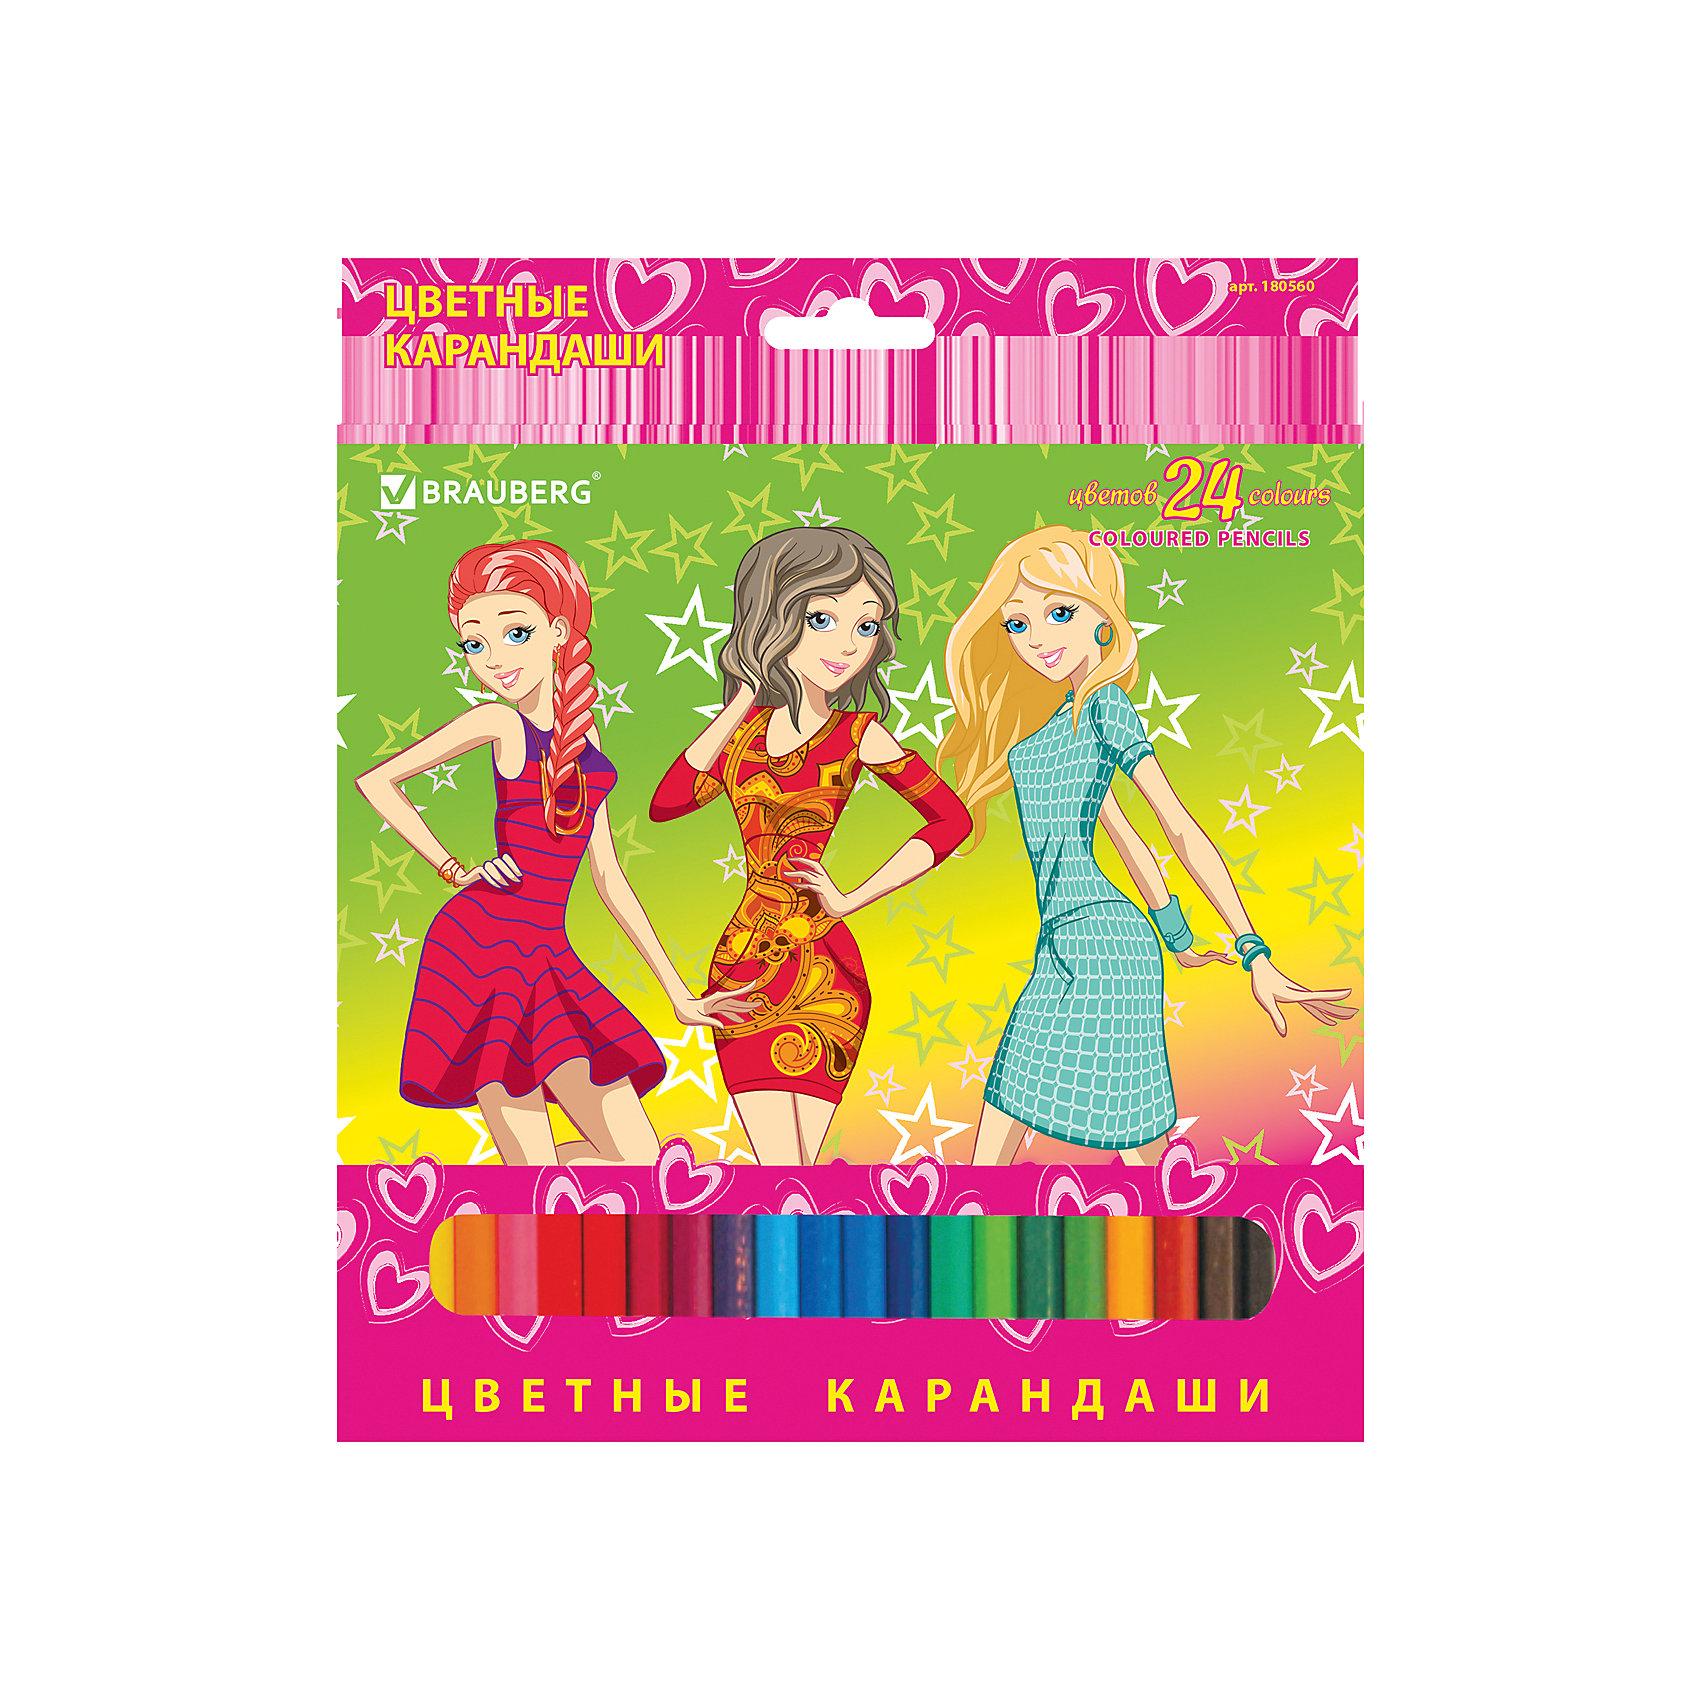 Цветные карандаши Pretty Girls, 24 цв., BraubergВ наборе 24 карандаша, изготовленных из древесины ценных пород. Благодаря высококачественному грифелю, рисунок ляжет на бумагу густо, сплошной и четкой линией, при этом не крошась и не царапая бумагу. Изображение на упаковке имеет отделку блестками.<br>Такие яркие карандаши непременно понравятся Вашему ребенку!<br><br>Дополнительная информация: <br><br>- 24 цвета.<br>- Диаметр грифеля - 3 мм.<br>- Высокосортная древесина.<br>- Шестигранный корпус.<br>- Легко затачиваются.<br>- Размер упаковки: 20х18х0,8 см.<br>- Вес в упаковке: 175 г.<br><br>Цветные карандаши Pretty Girls Brauberg, можно купить в нашем магазине.<br><br>Ширина мм: 200<br>Глубина мм: 180<br>Высота мм: 8<br>Вес г: 175<br>Возраст от месяцев: 72<br>Возраст до месяцев: 2147483647<br>Пол: Унисекс<br>Возраст: Детский<br>SKU: 4792668